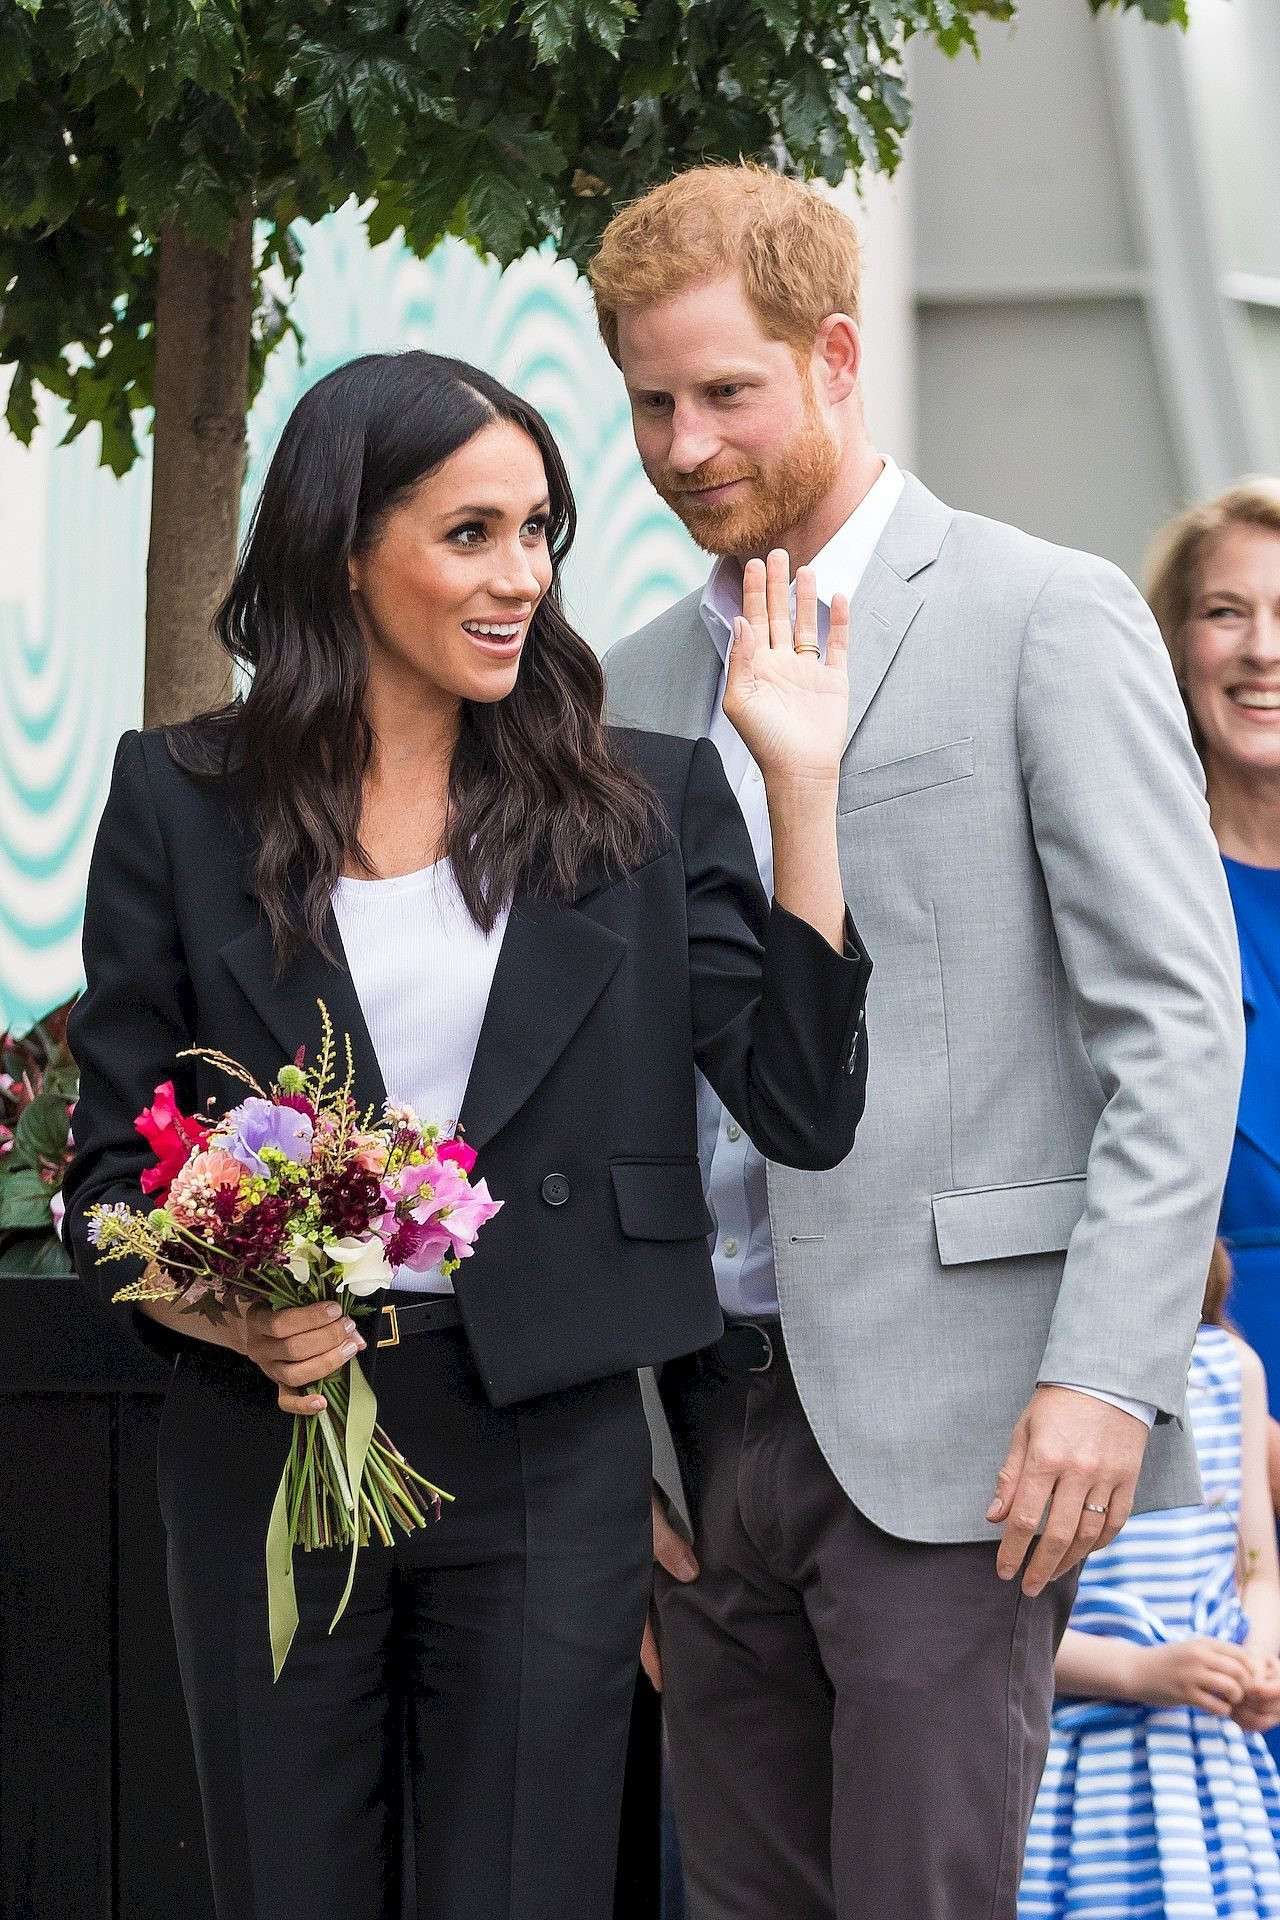 Meghan Markle w damskim garniturze z mężem na oficjalnym wystąpieniu.